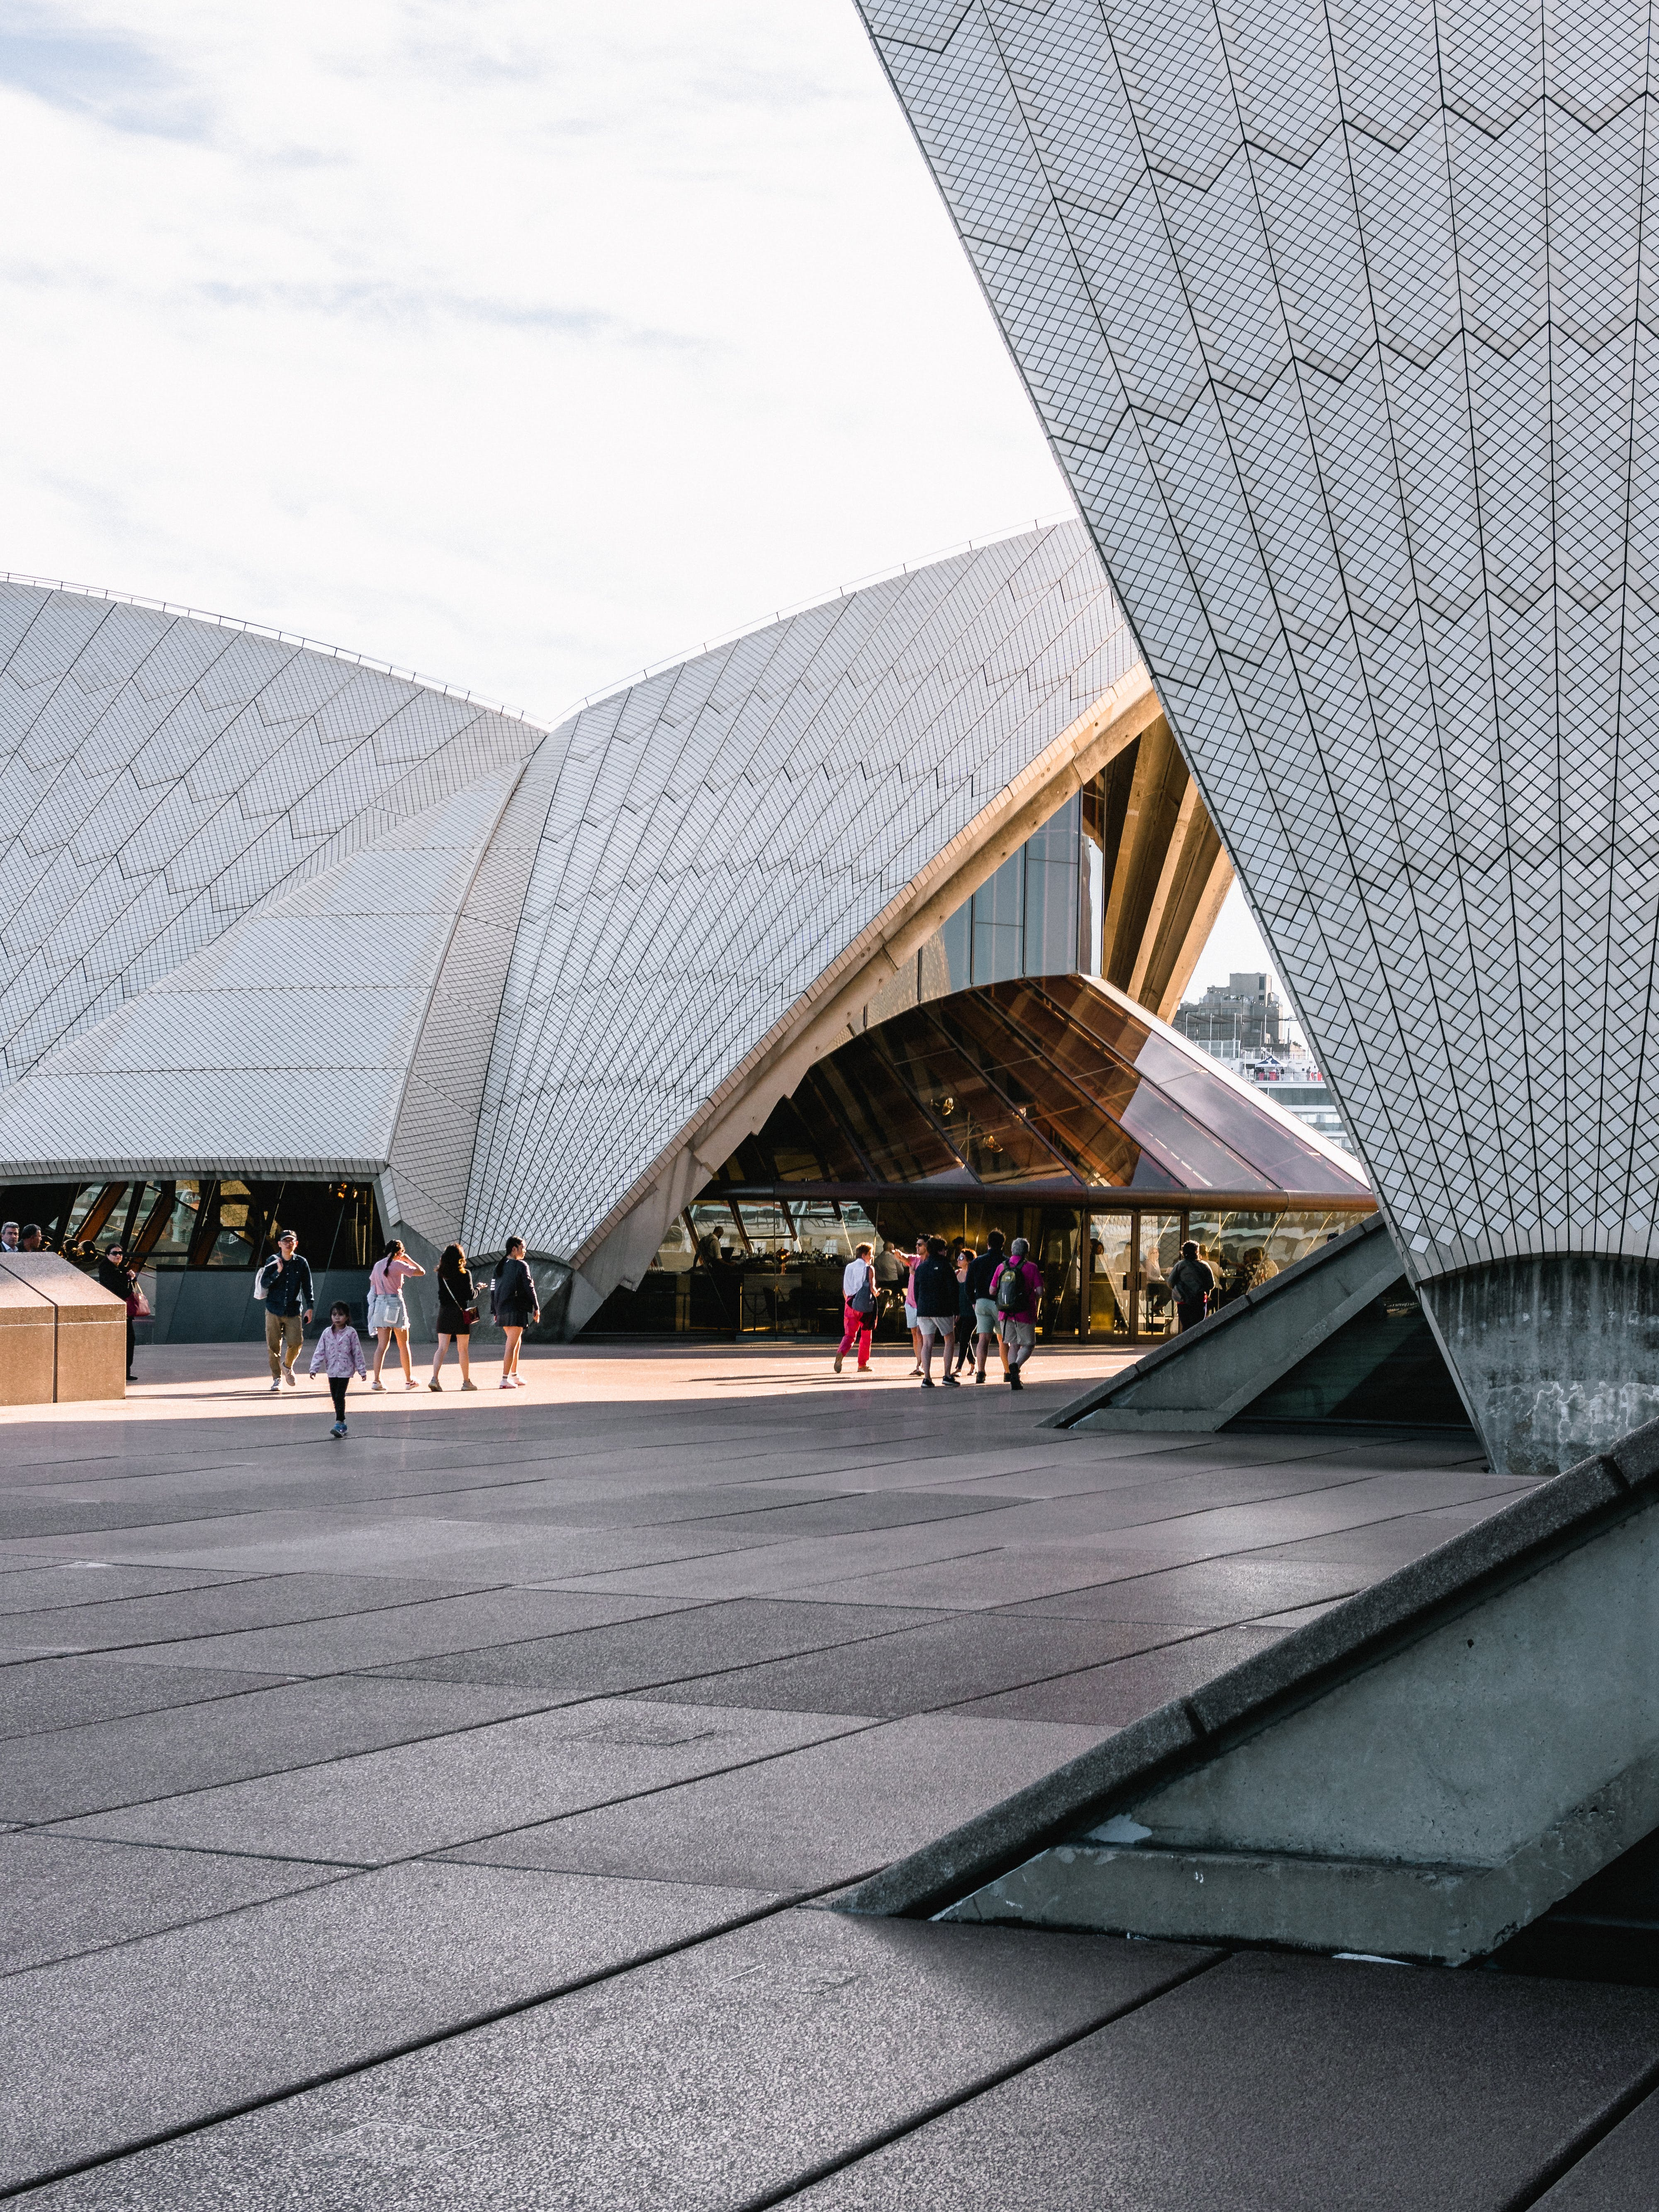 Fotos de stock gratuitas de acero, arquitectura, arquitectura moderna, artículos de cristal